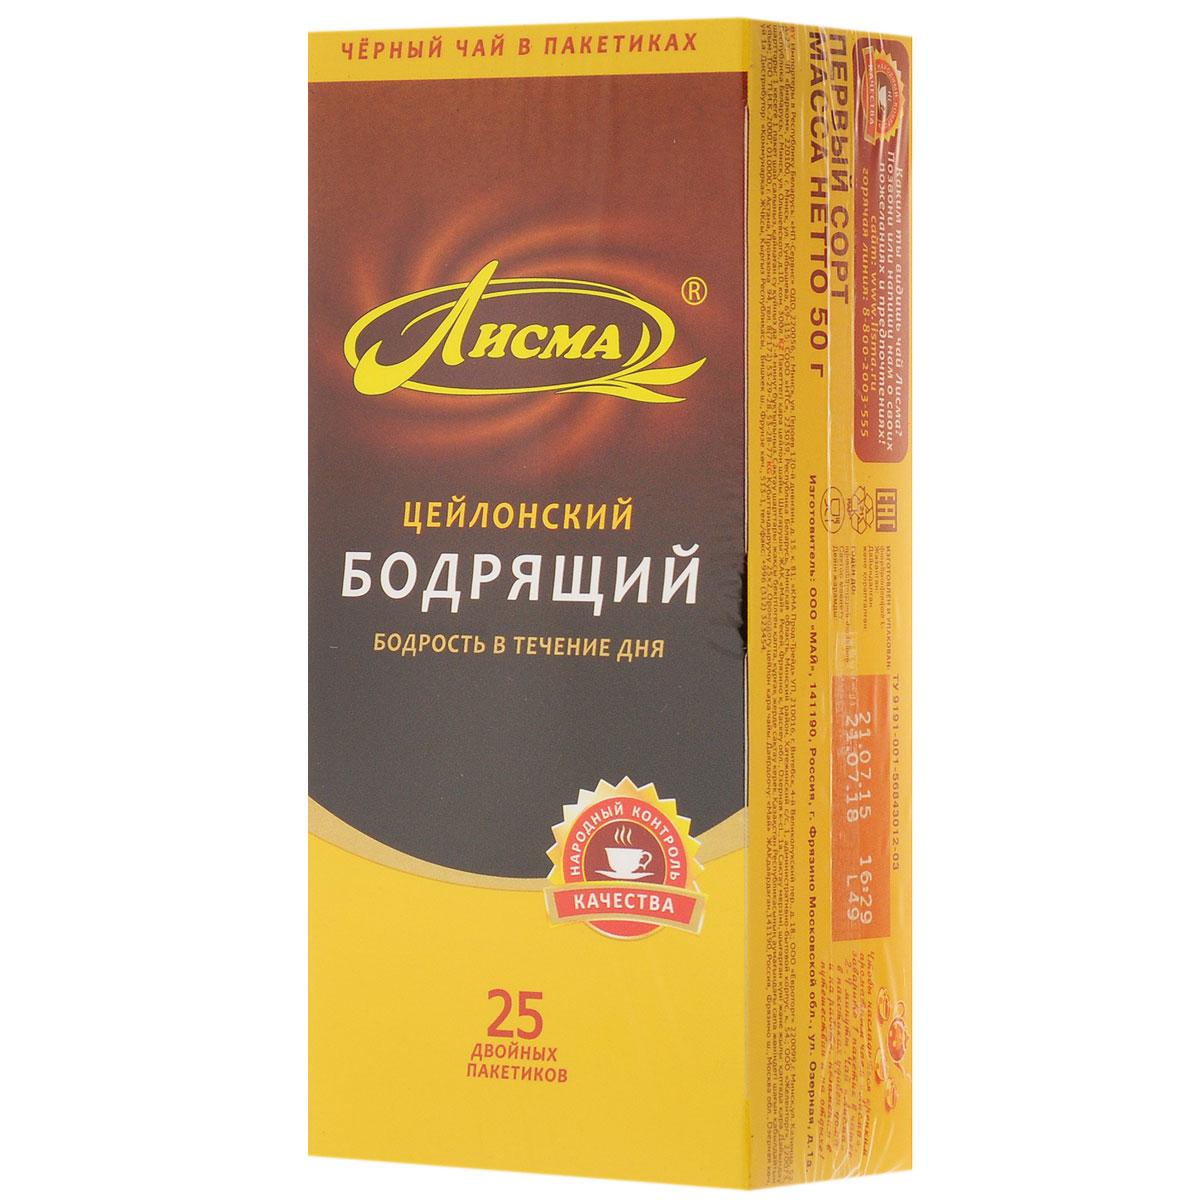 Лисма Бодрящий черный чай в пакетиках, 25 шт